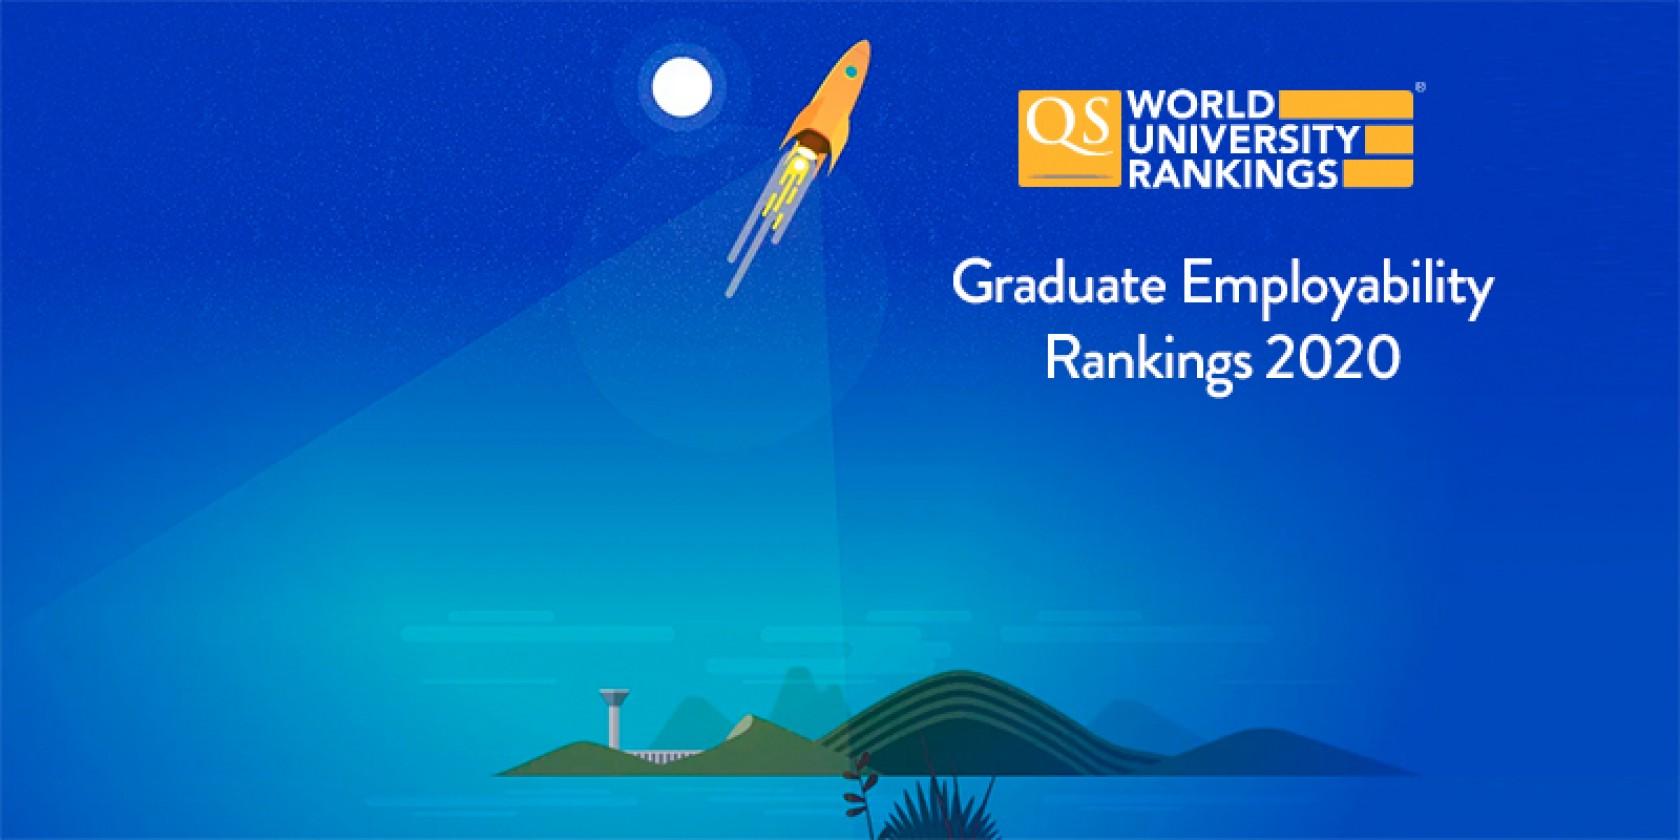 Mezun İstihdamı Konusunda Dünyanın En İyi 10 Üniversitesi Açıklandı